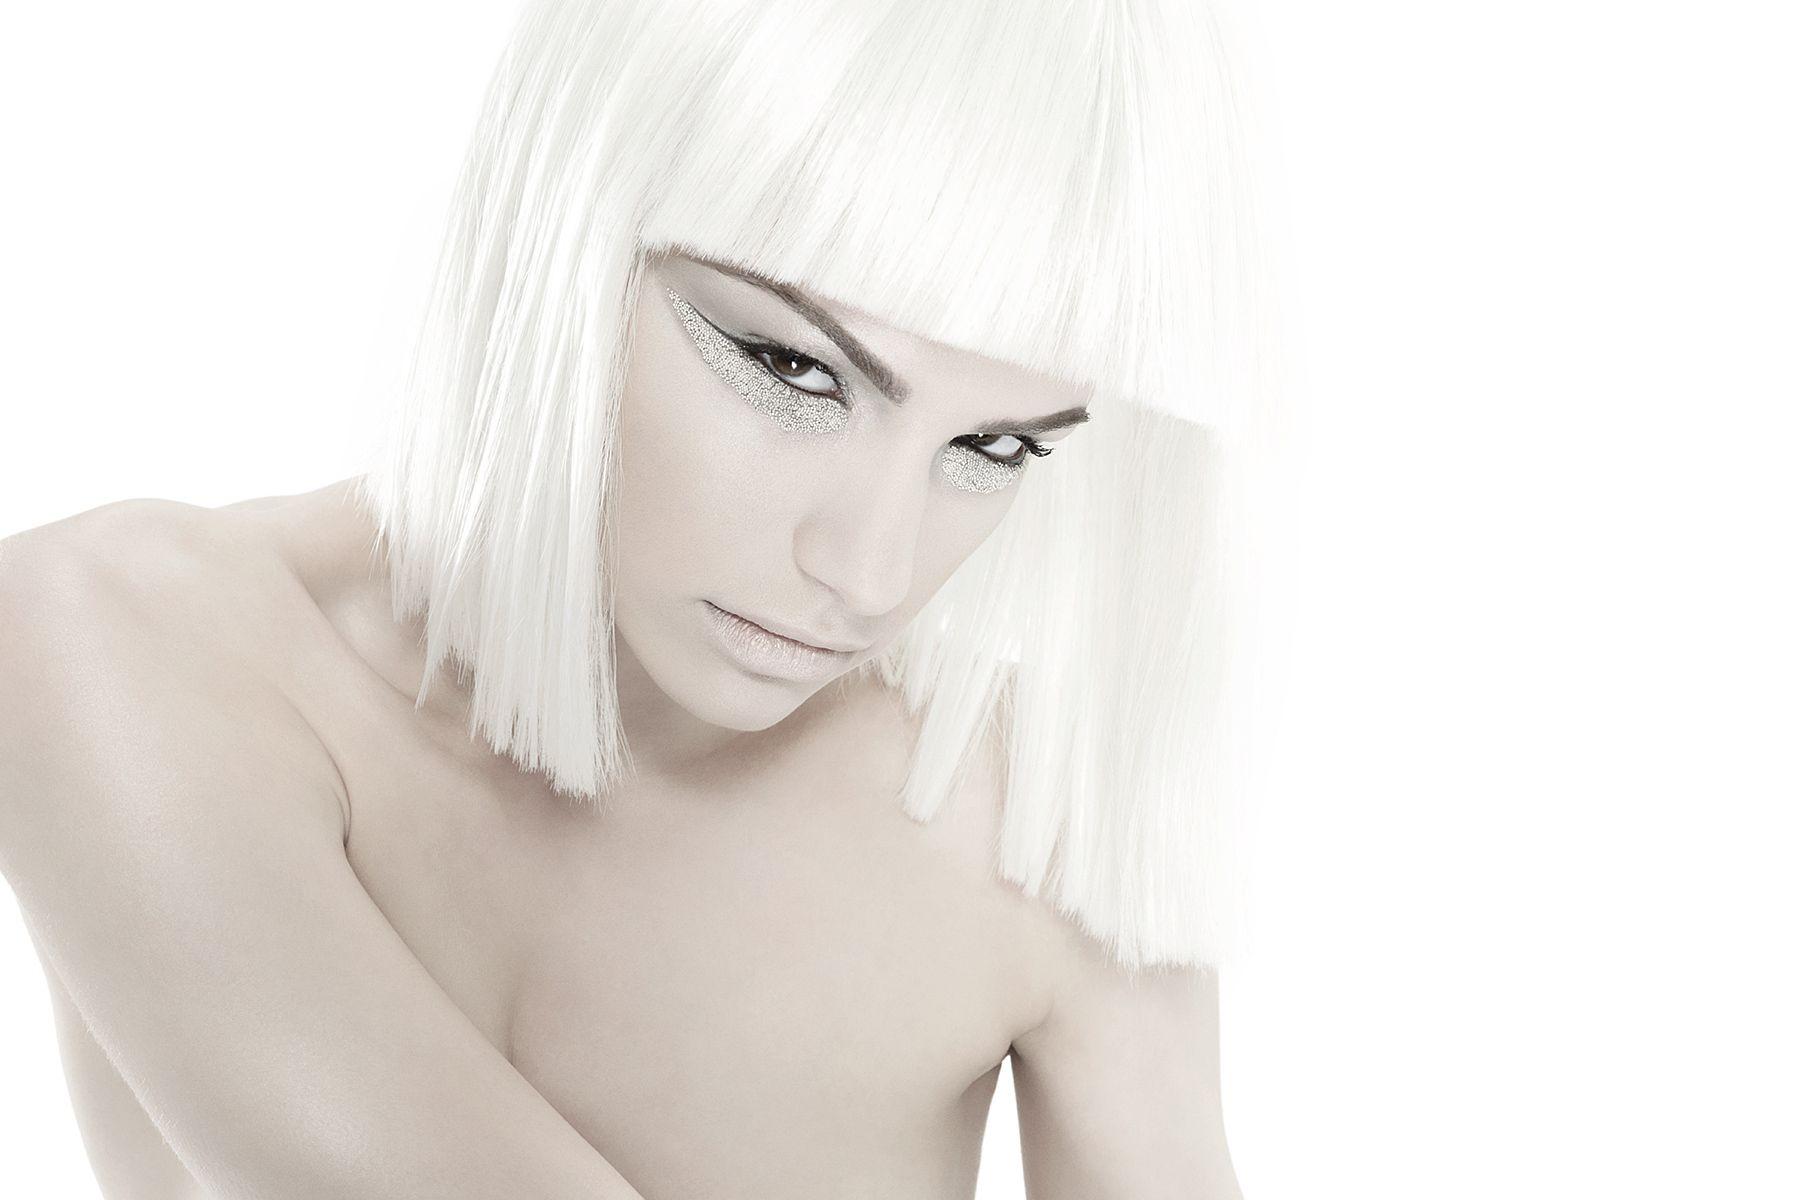 1beauty_fashion_close_up_b.jpg